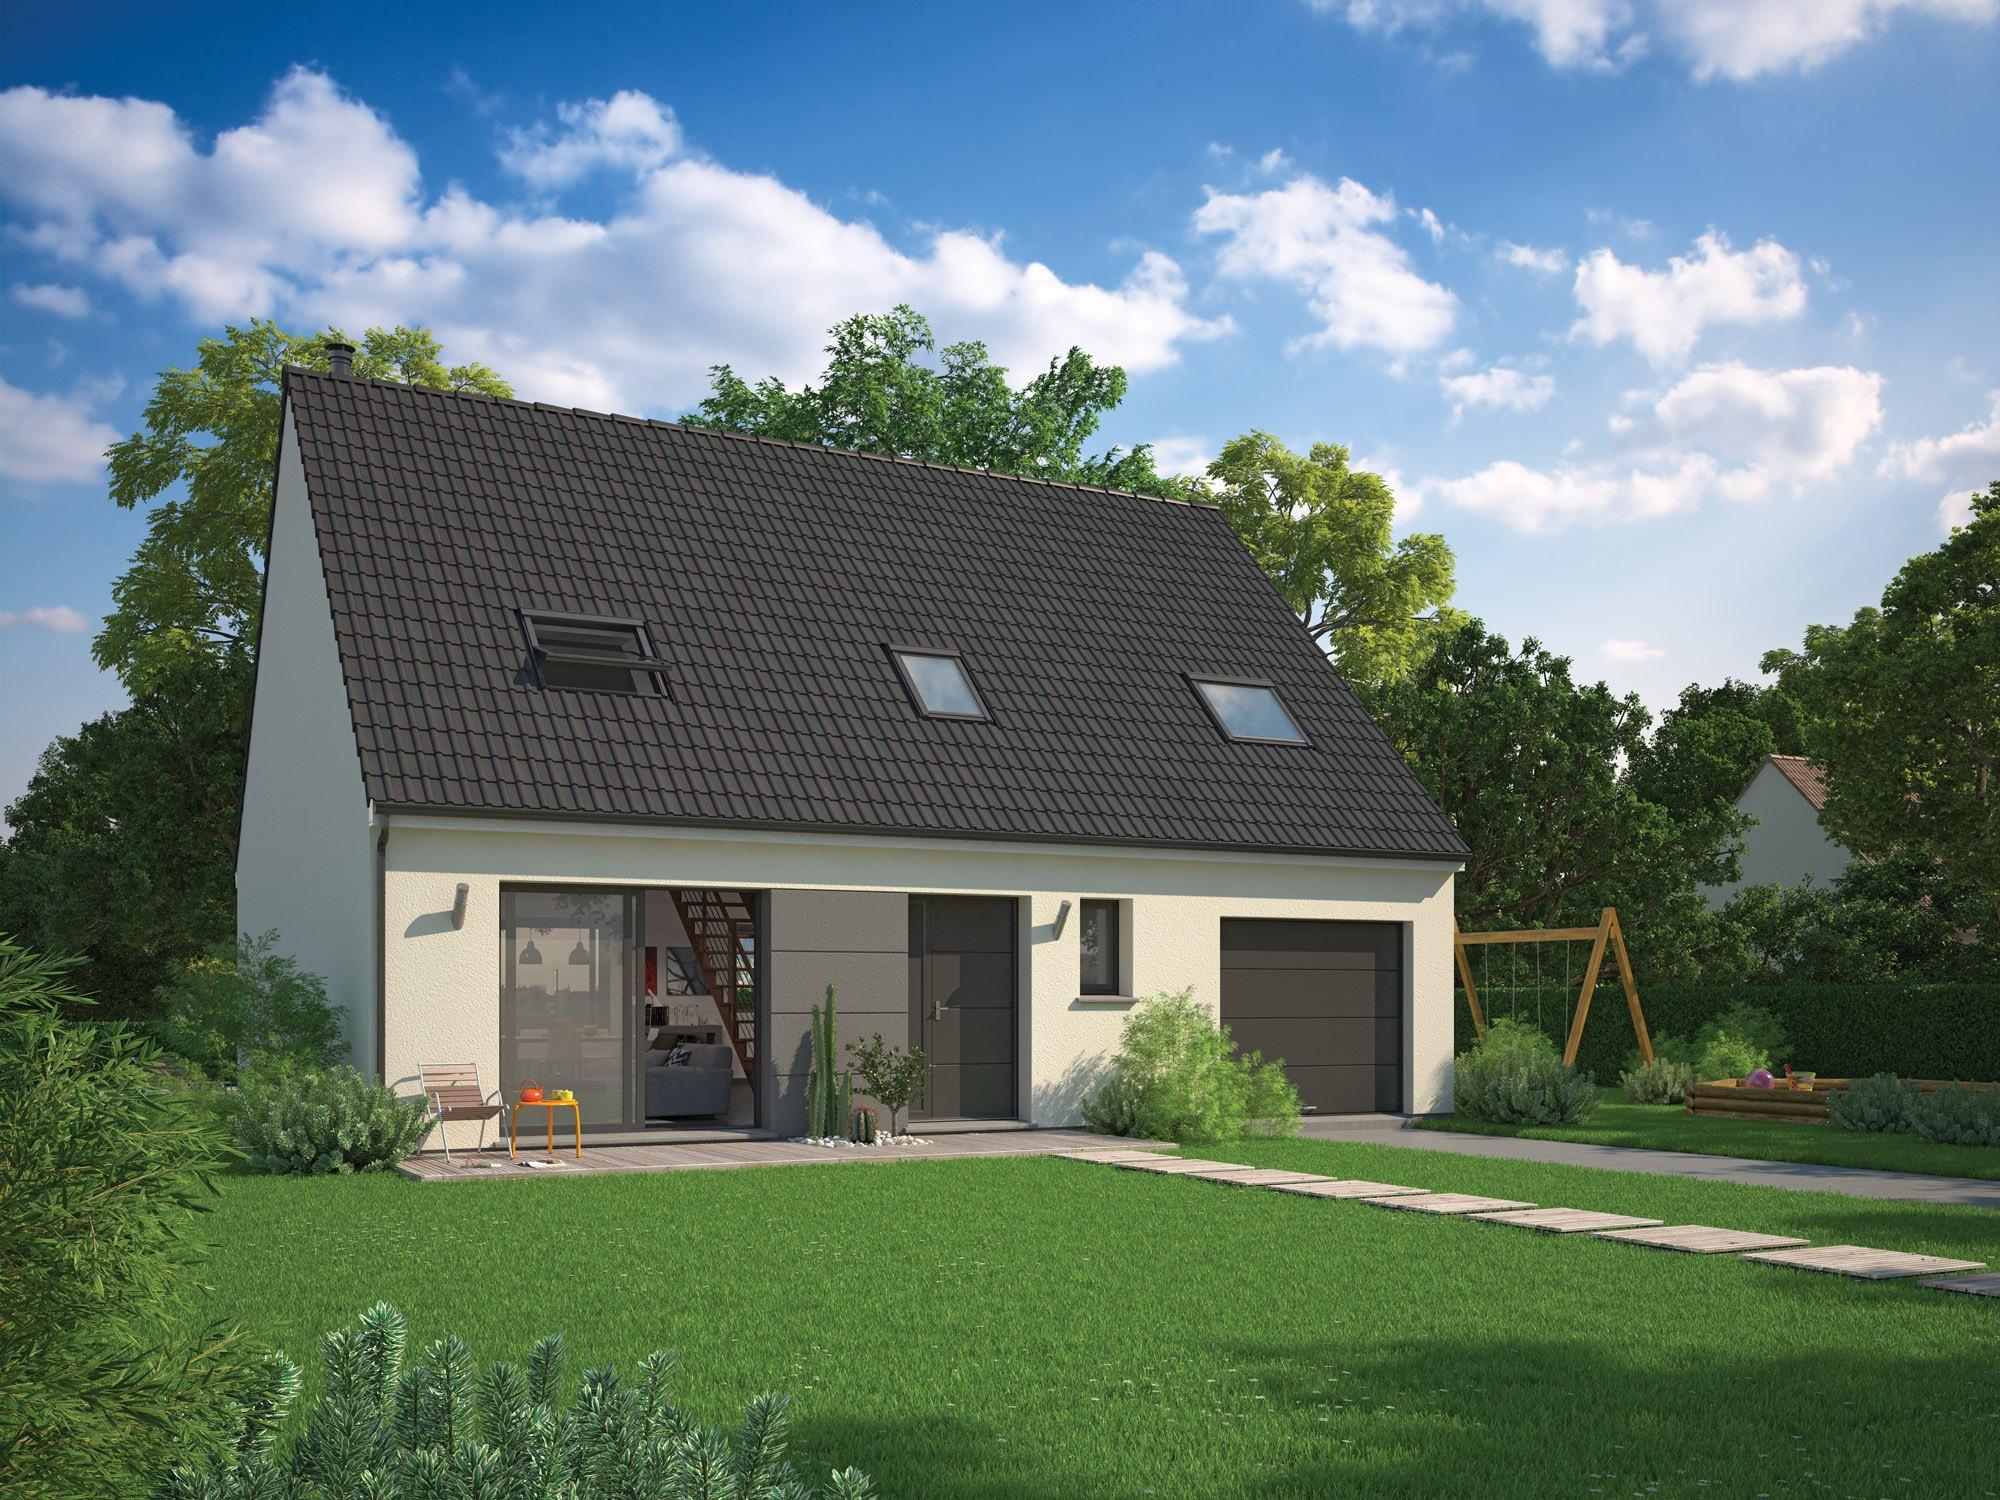 Maisons + Terrains du constructeur MAISON FAMILIALE • 100 m² • MERIEL